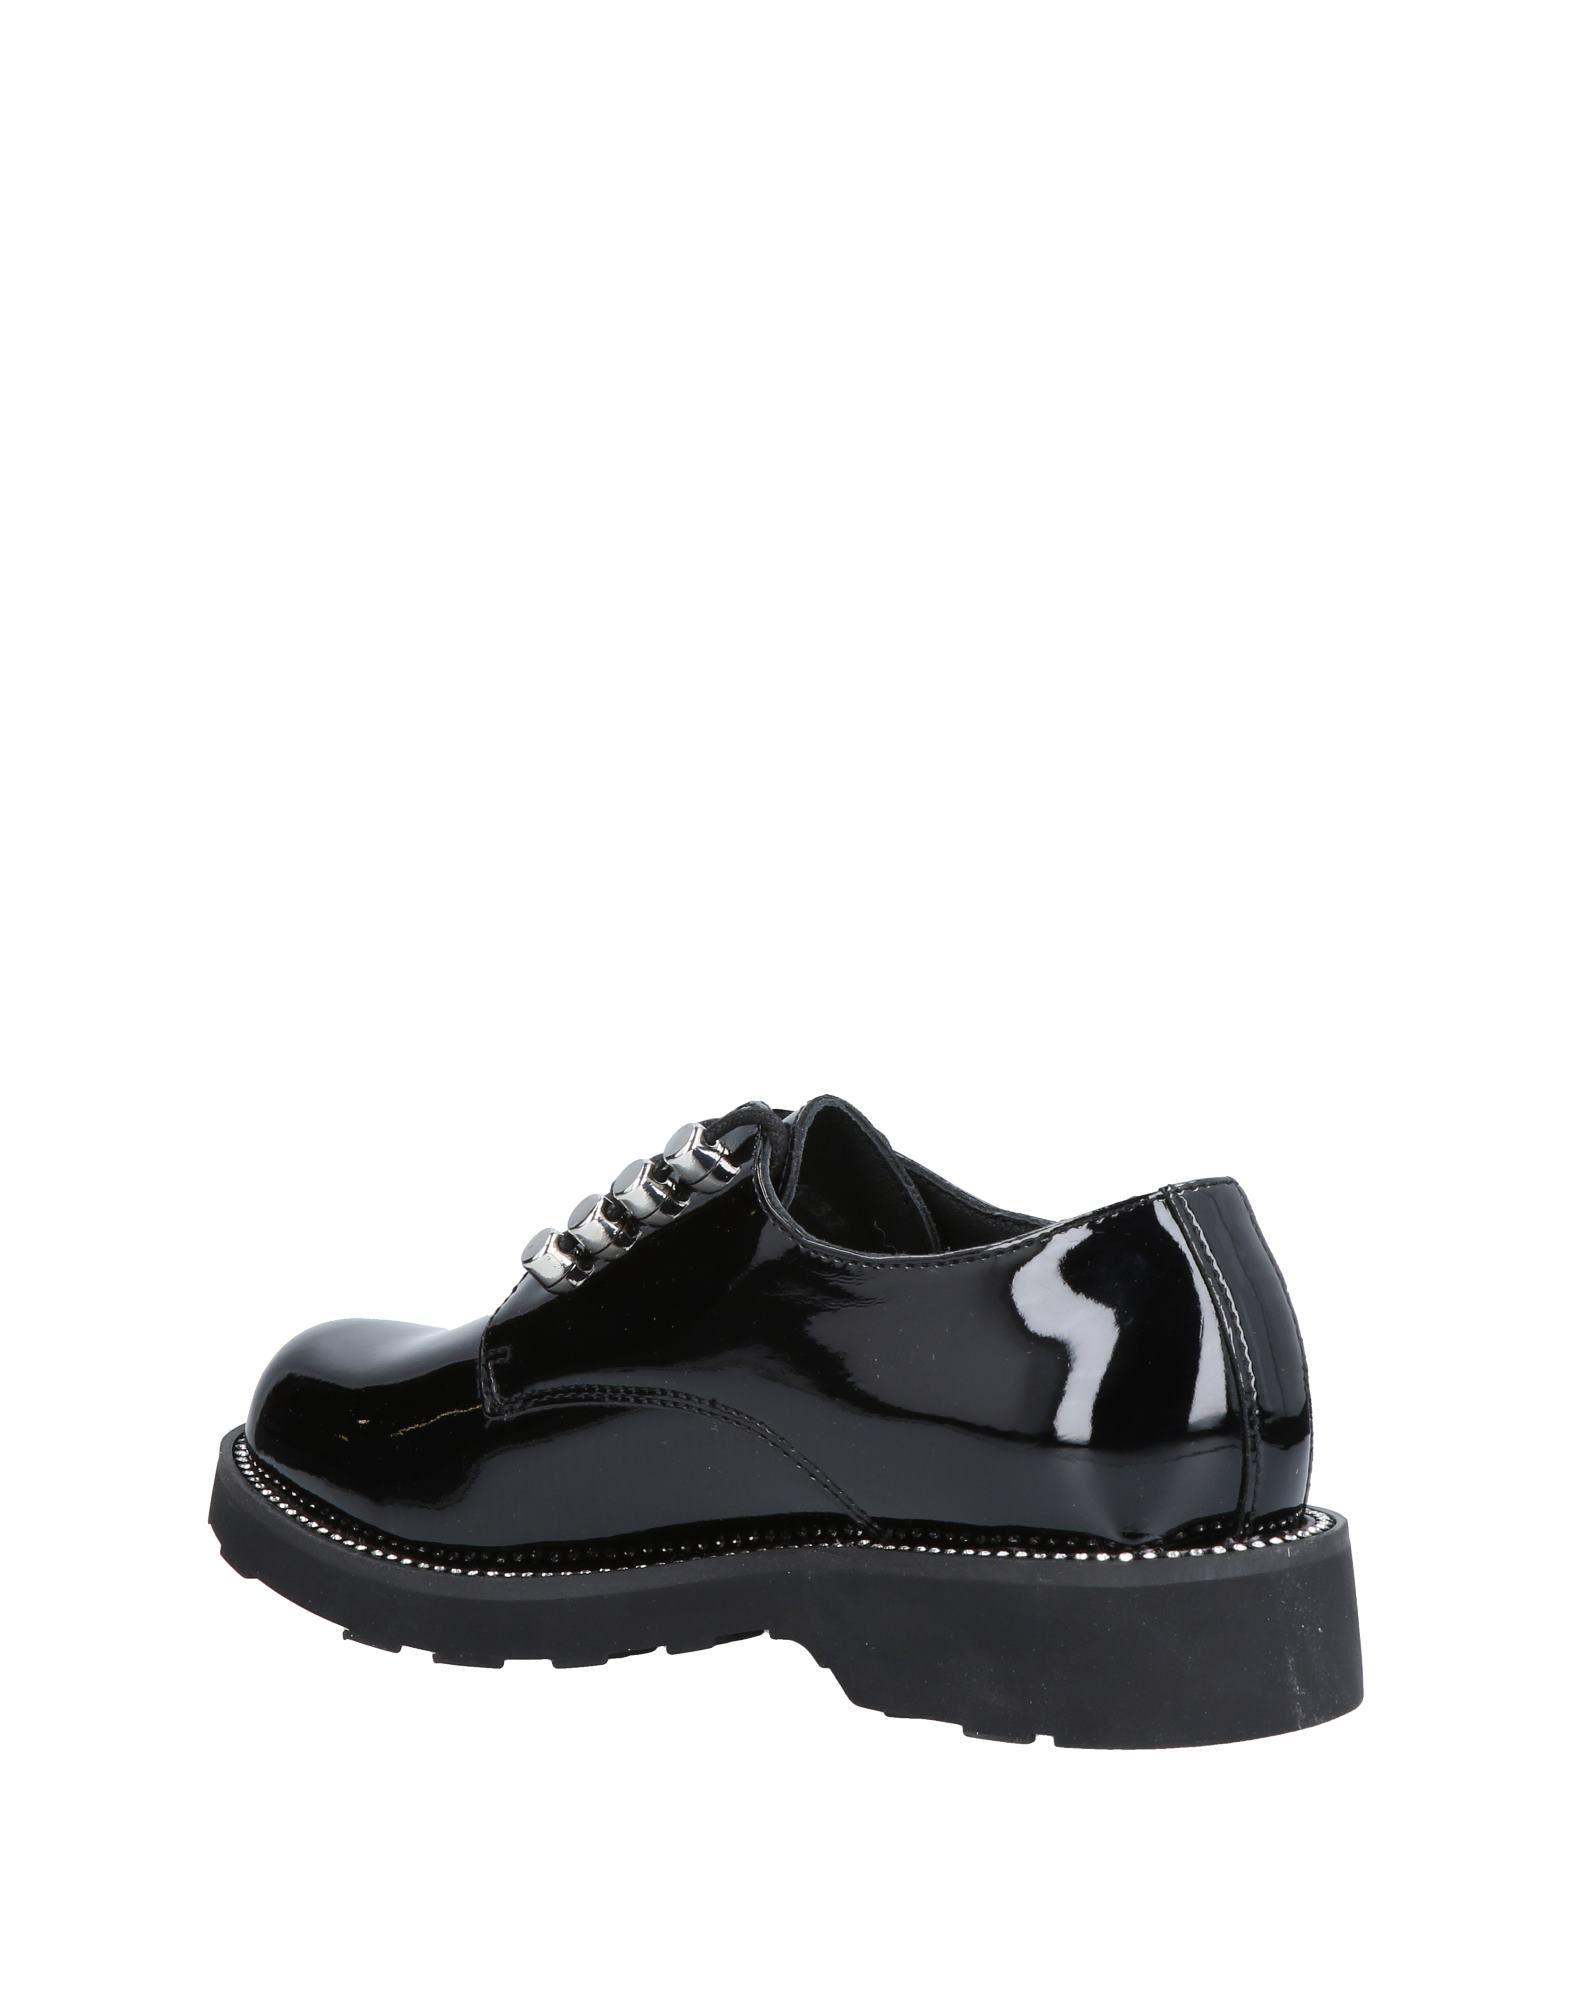 Cult Schnürschuhe Schnürschuhe Cult Damen  11473820WL Gute Qualität beliebte Schuhe 5ec9dc